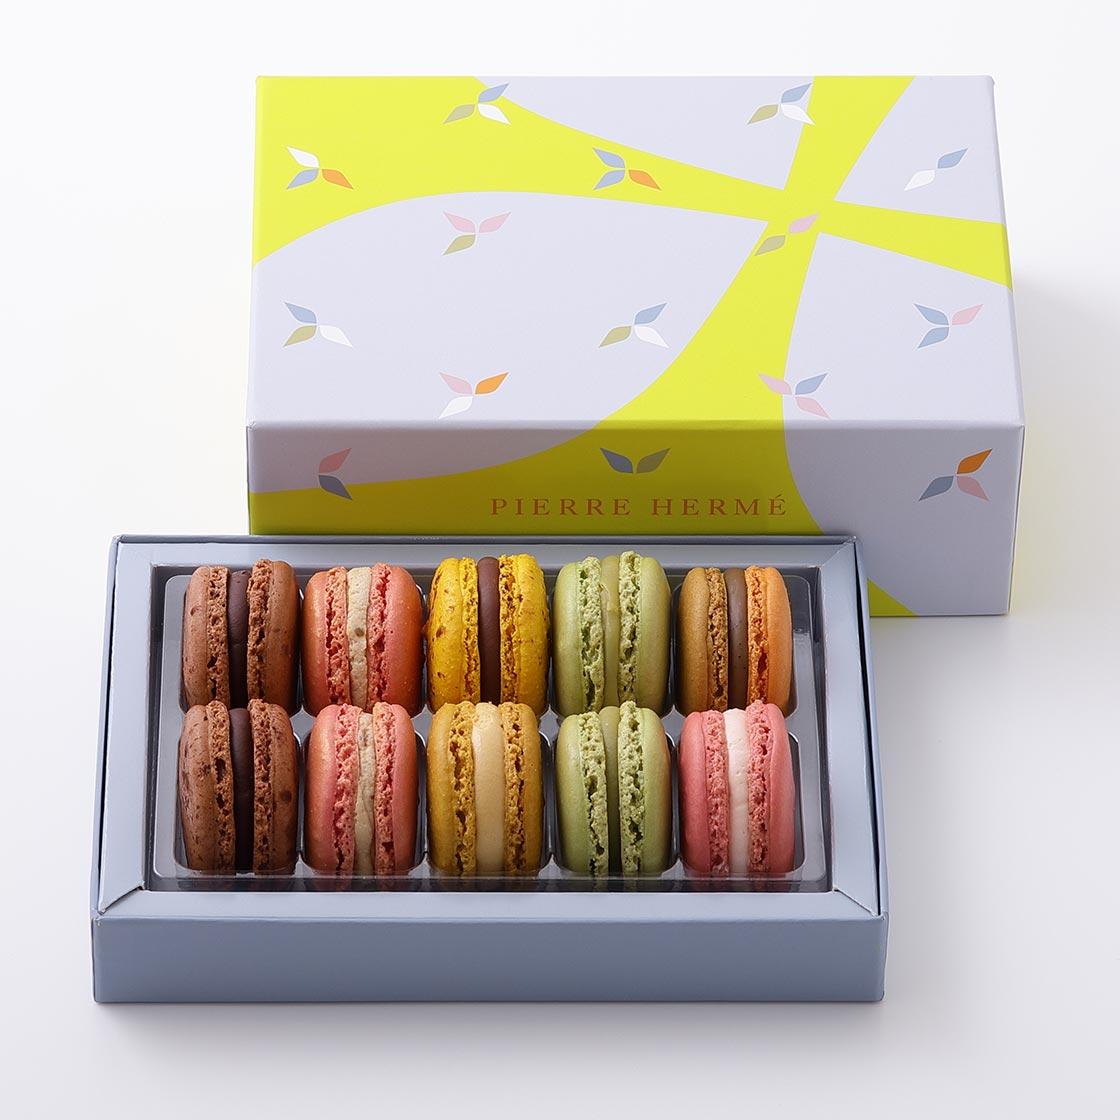 今年のホワイトデーはピエール・エルメ・パリのマカロンBOXを贈ろう♡